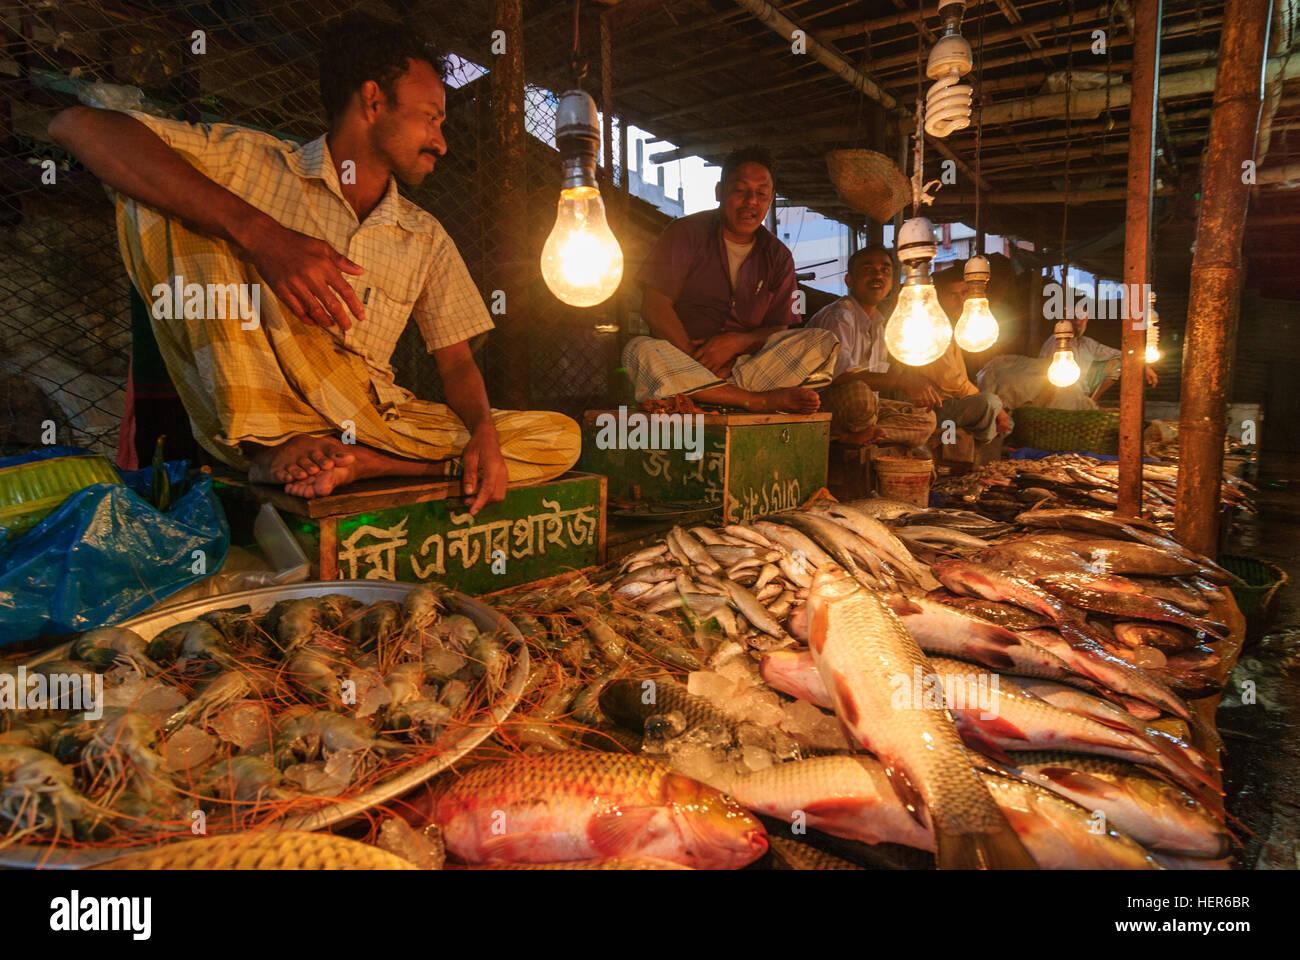 Fish Market Chittagong Bangladesh Stock Photos & Fish Market